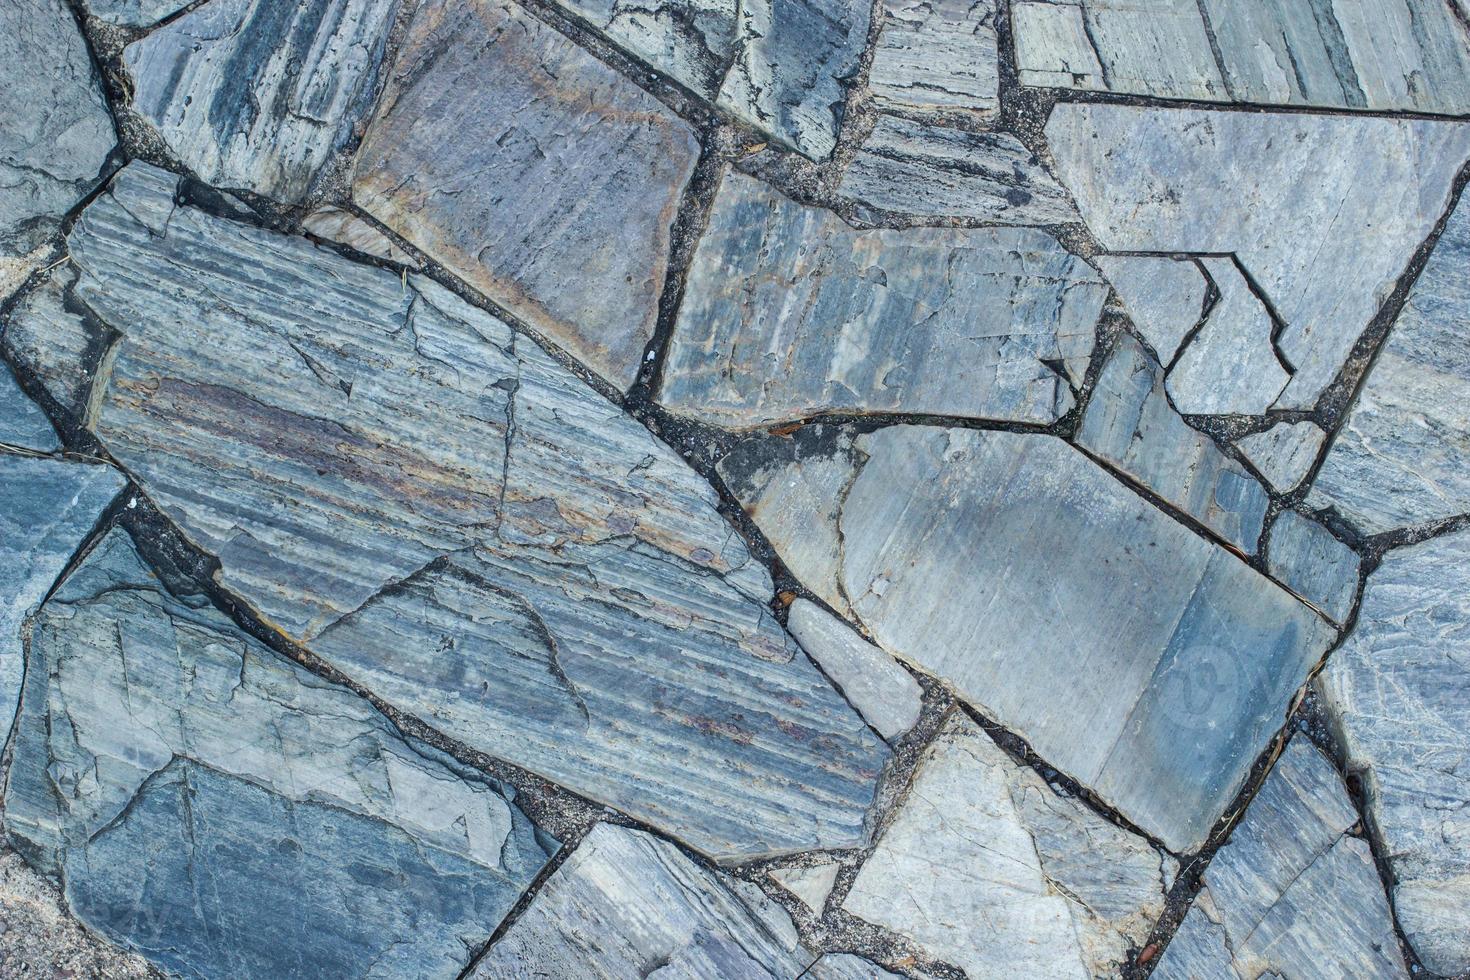 costruzione di fondali rocciosi foto